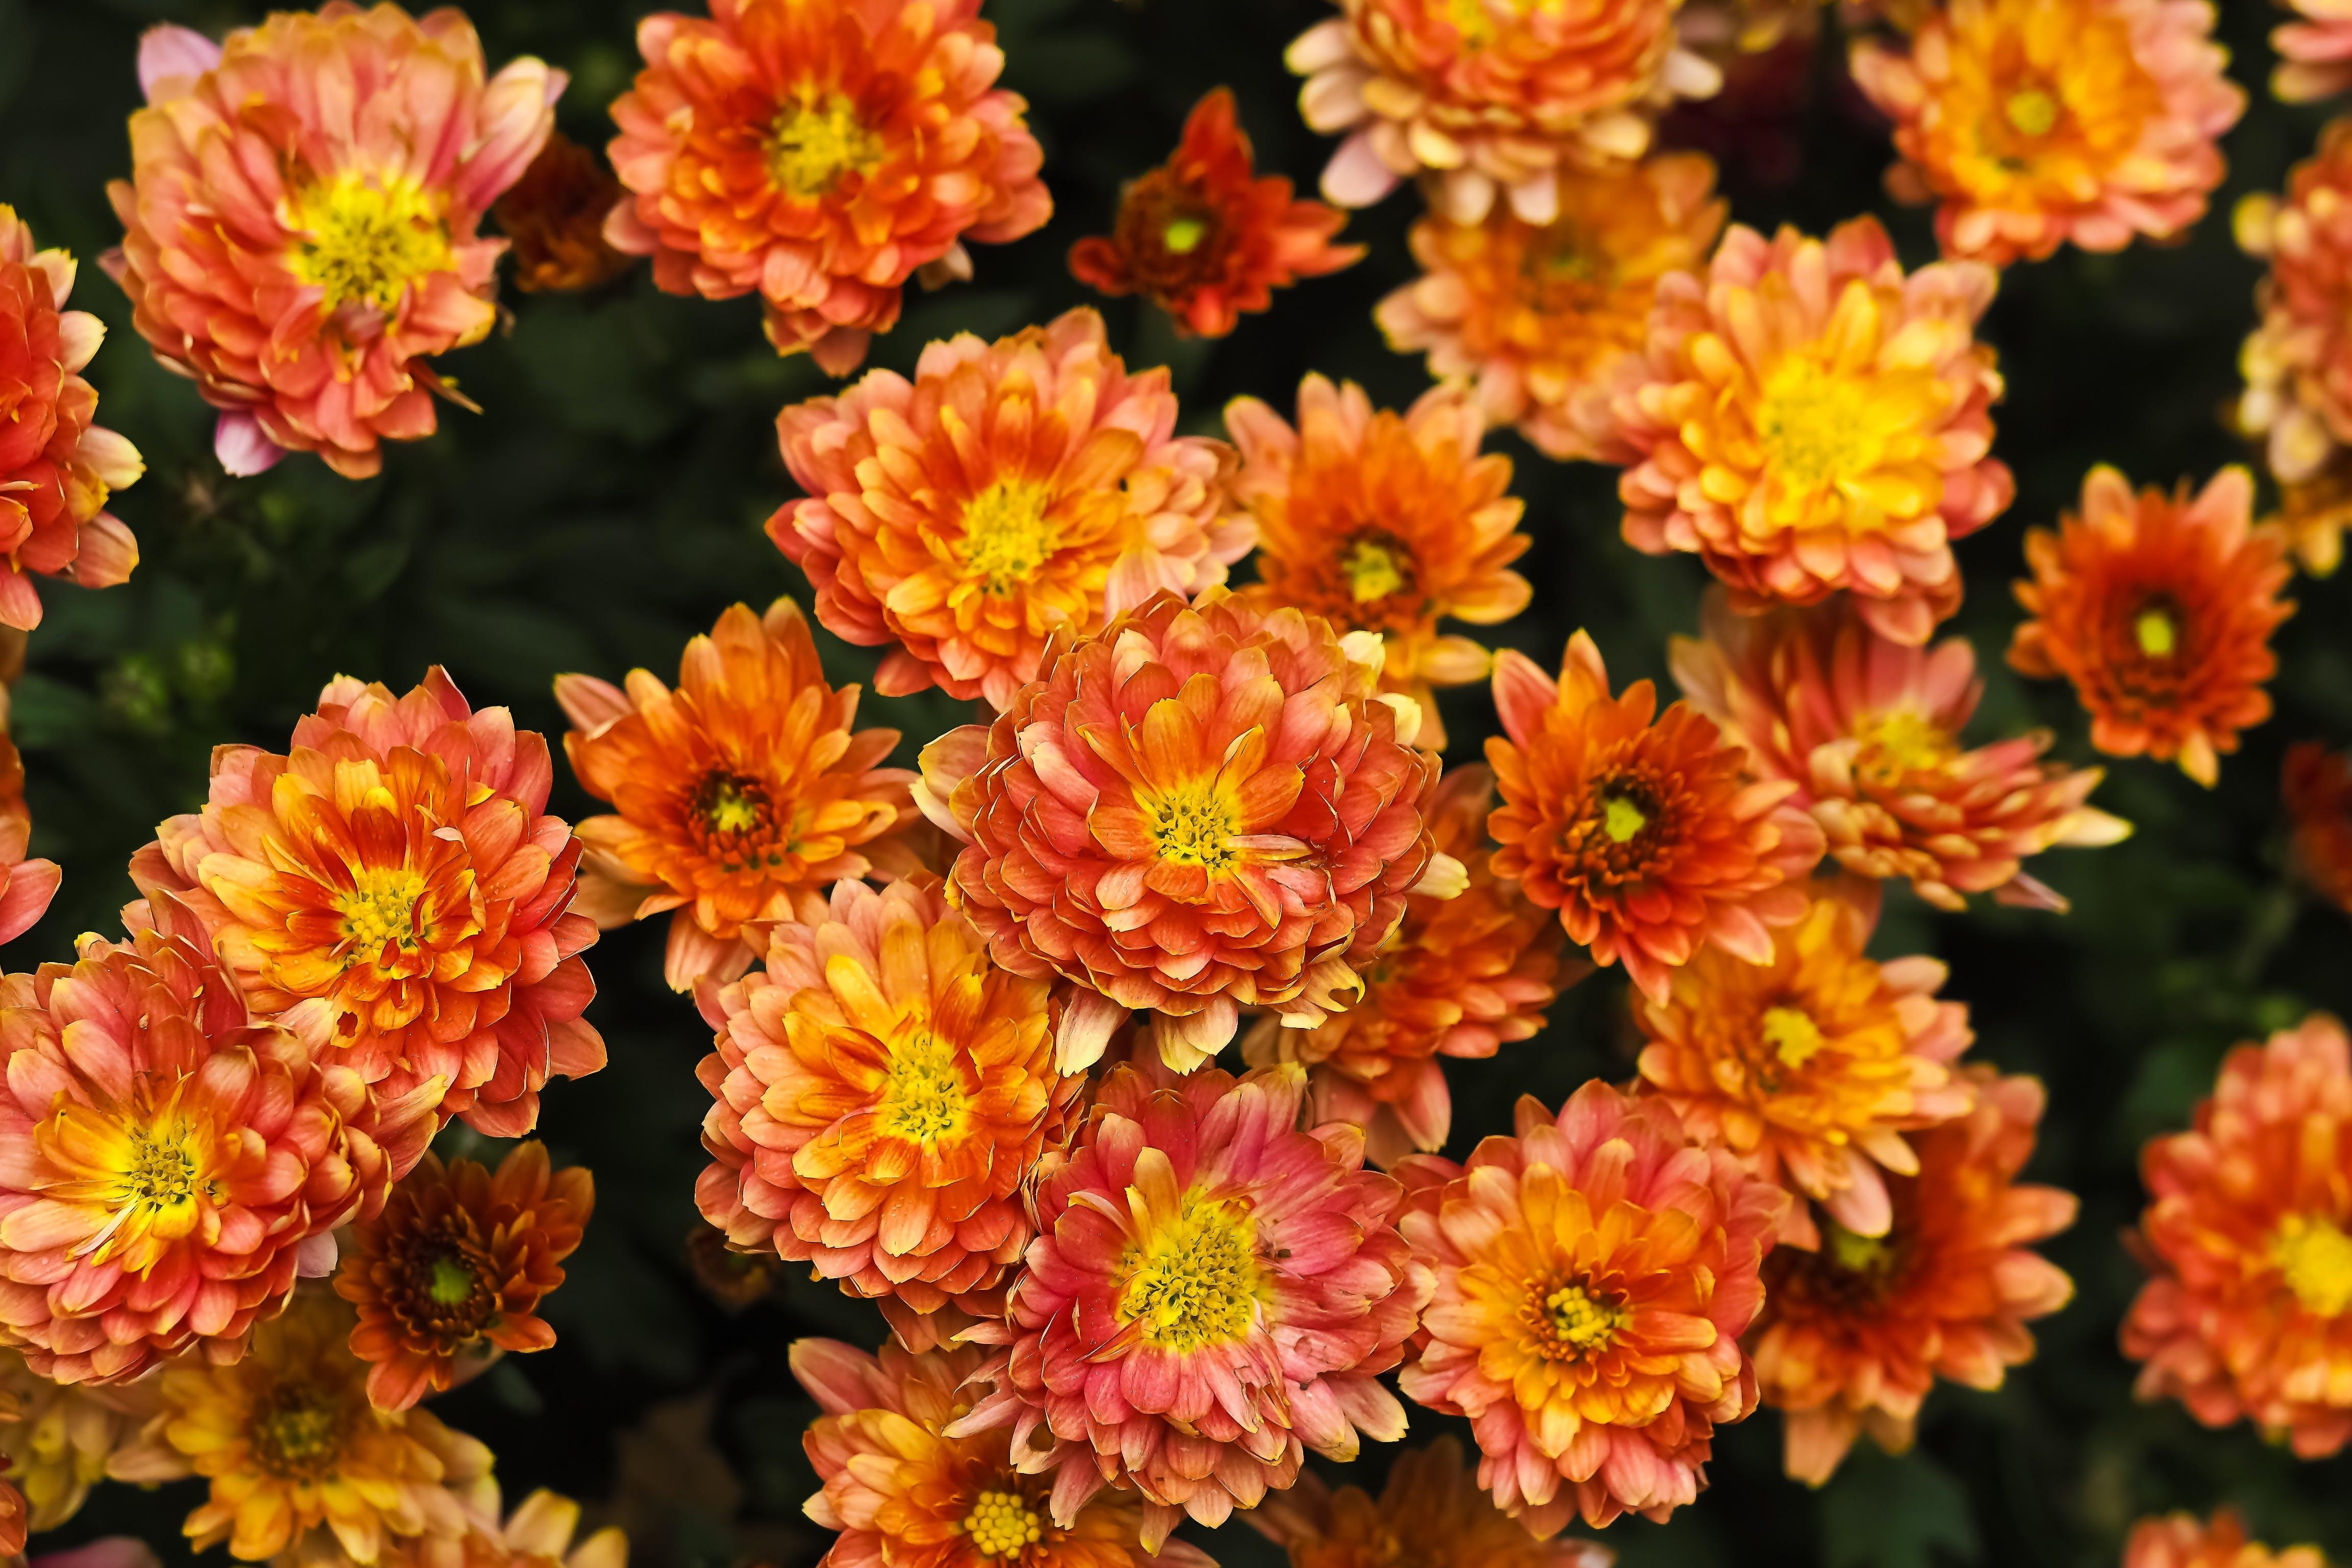 Free stock photo of nature, summer, garden, yellow